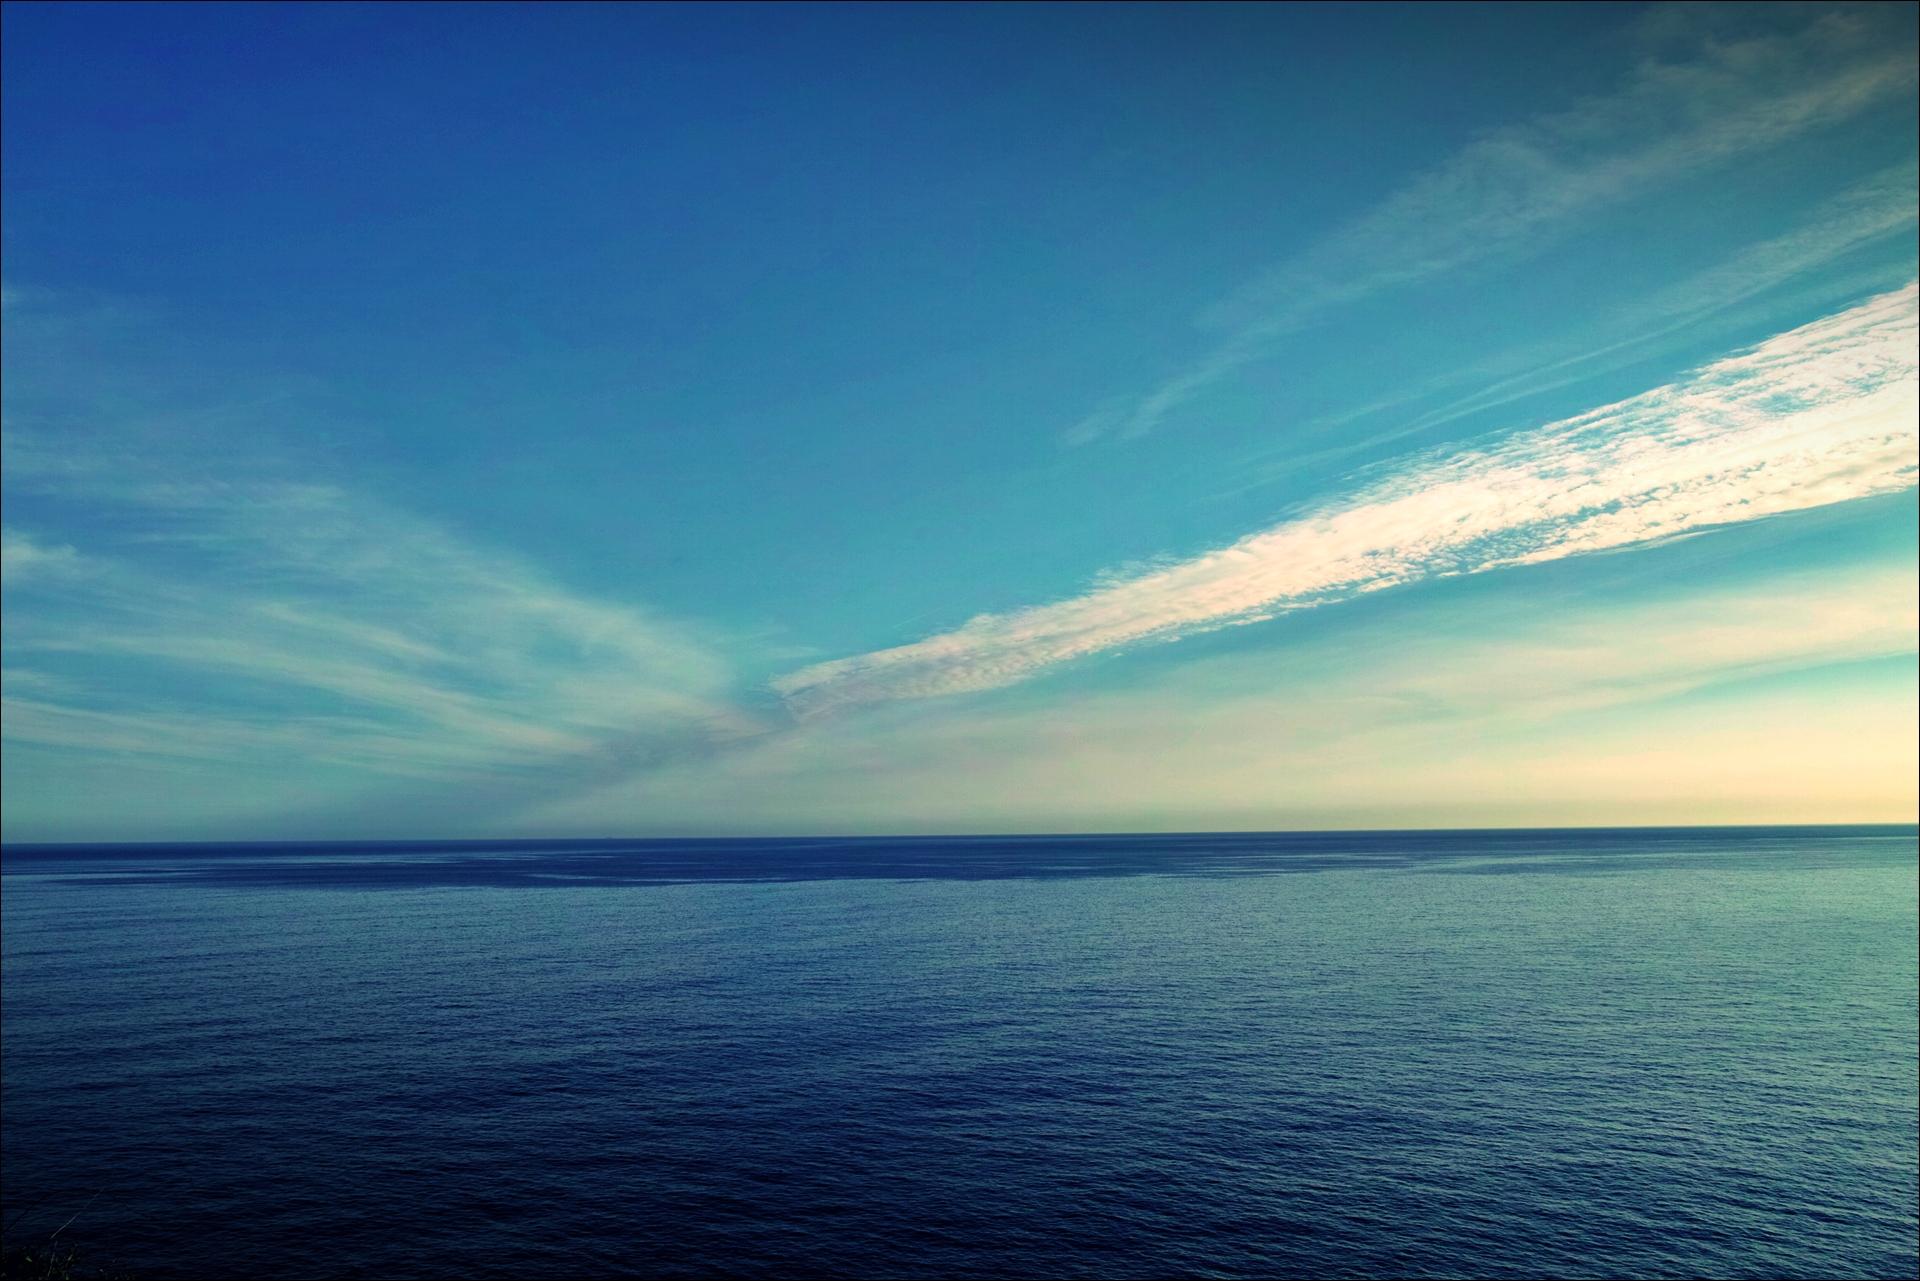 바다, 하늘 그리고 구름-'카미노 데 산티아고 북쪽길. 카스트로 우르디알레스에서 리엔도. (Camino del Norte - Castro Urdiales to Liendo) '